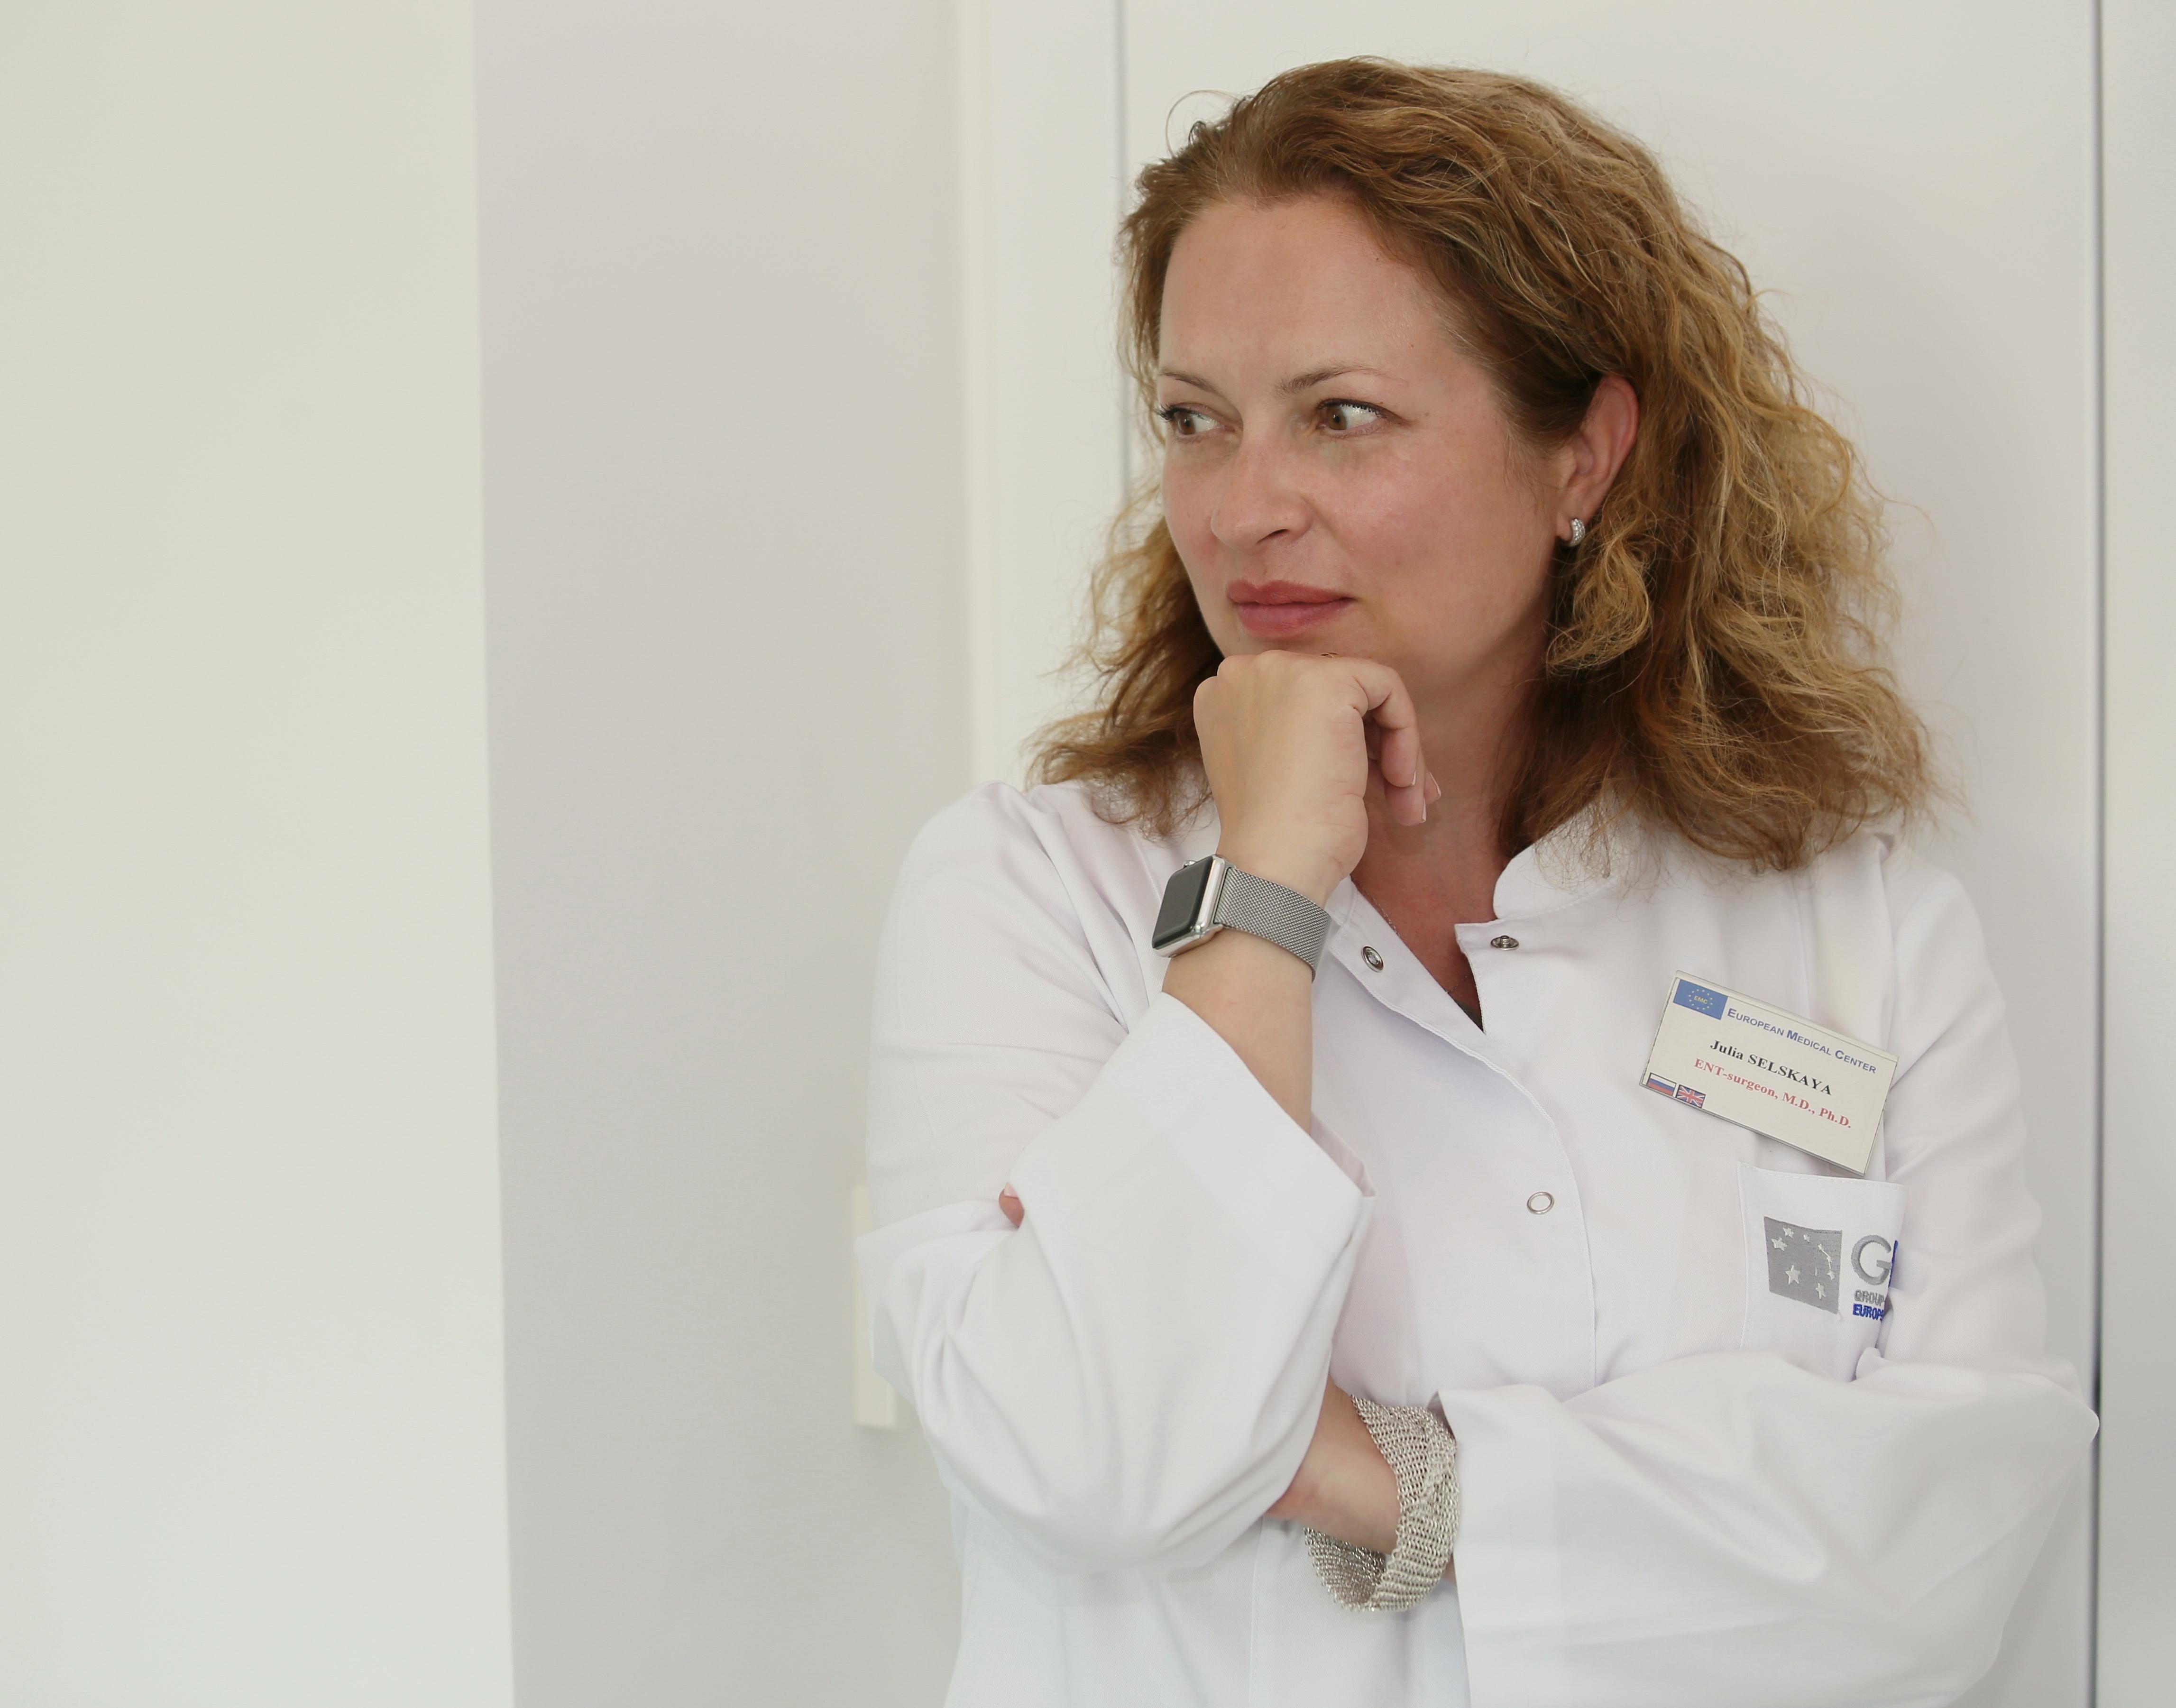 Юлия Сельская, руководительКлиники оториноларингологии, хирургии головы и шеиЕвропейского медицинского центра (ЕМС)